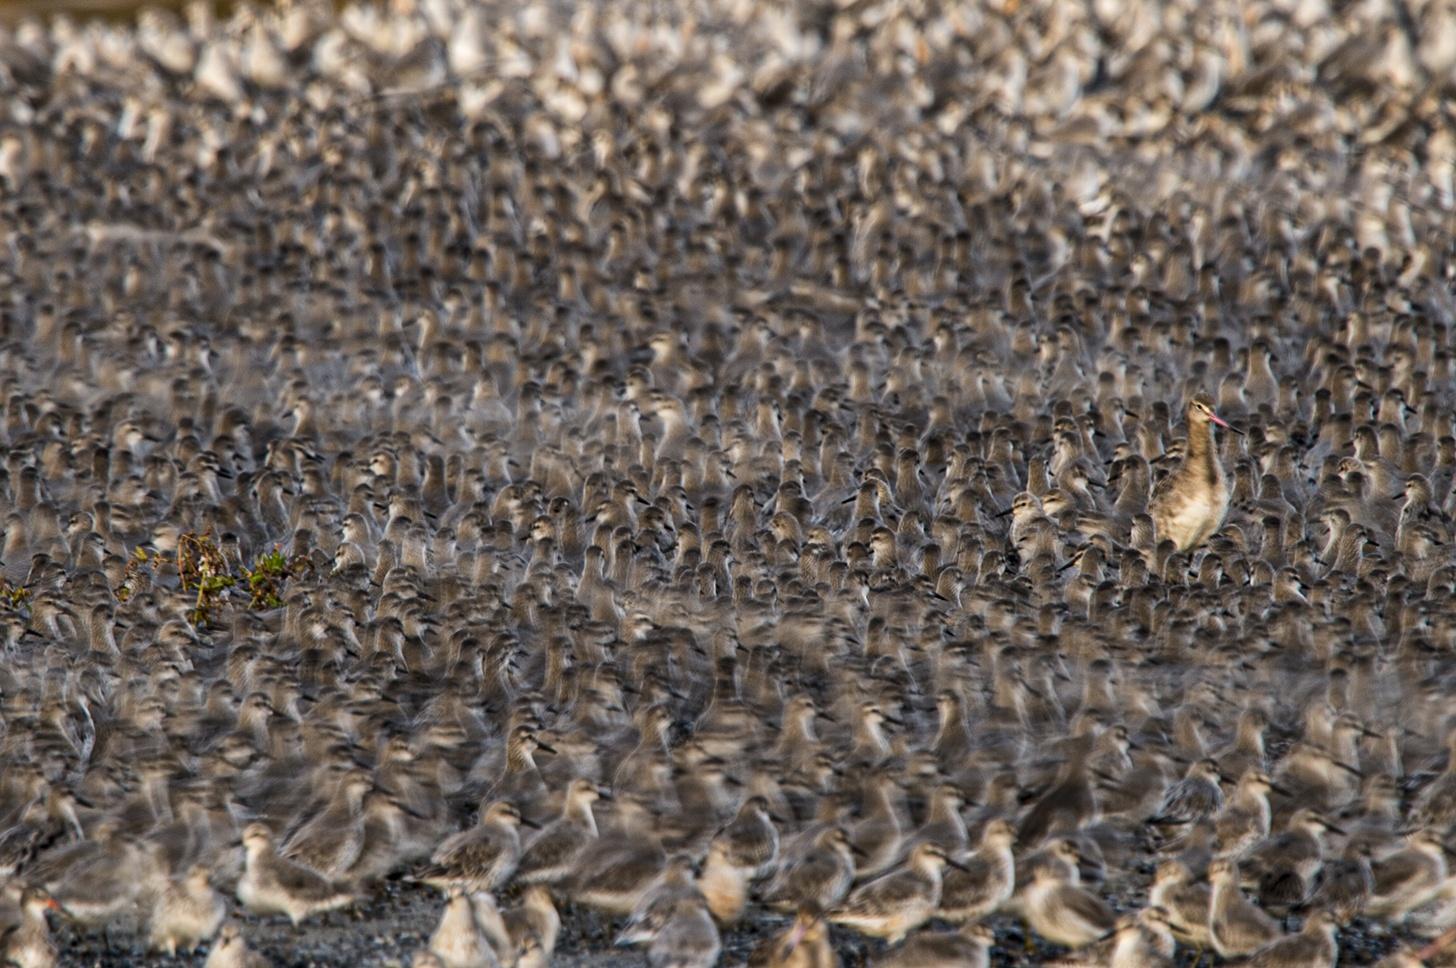 Cienes y Cienes - Ignacio Medem - Portfolio Natural, Fotografía de Naturaleza de Autor